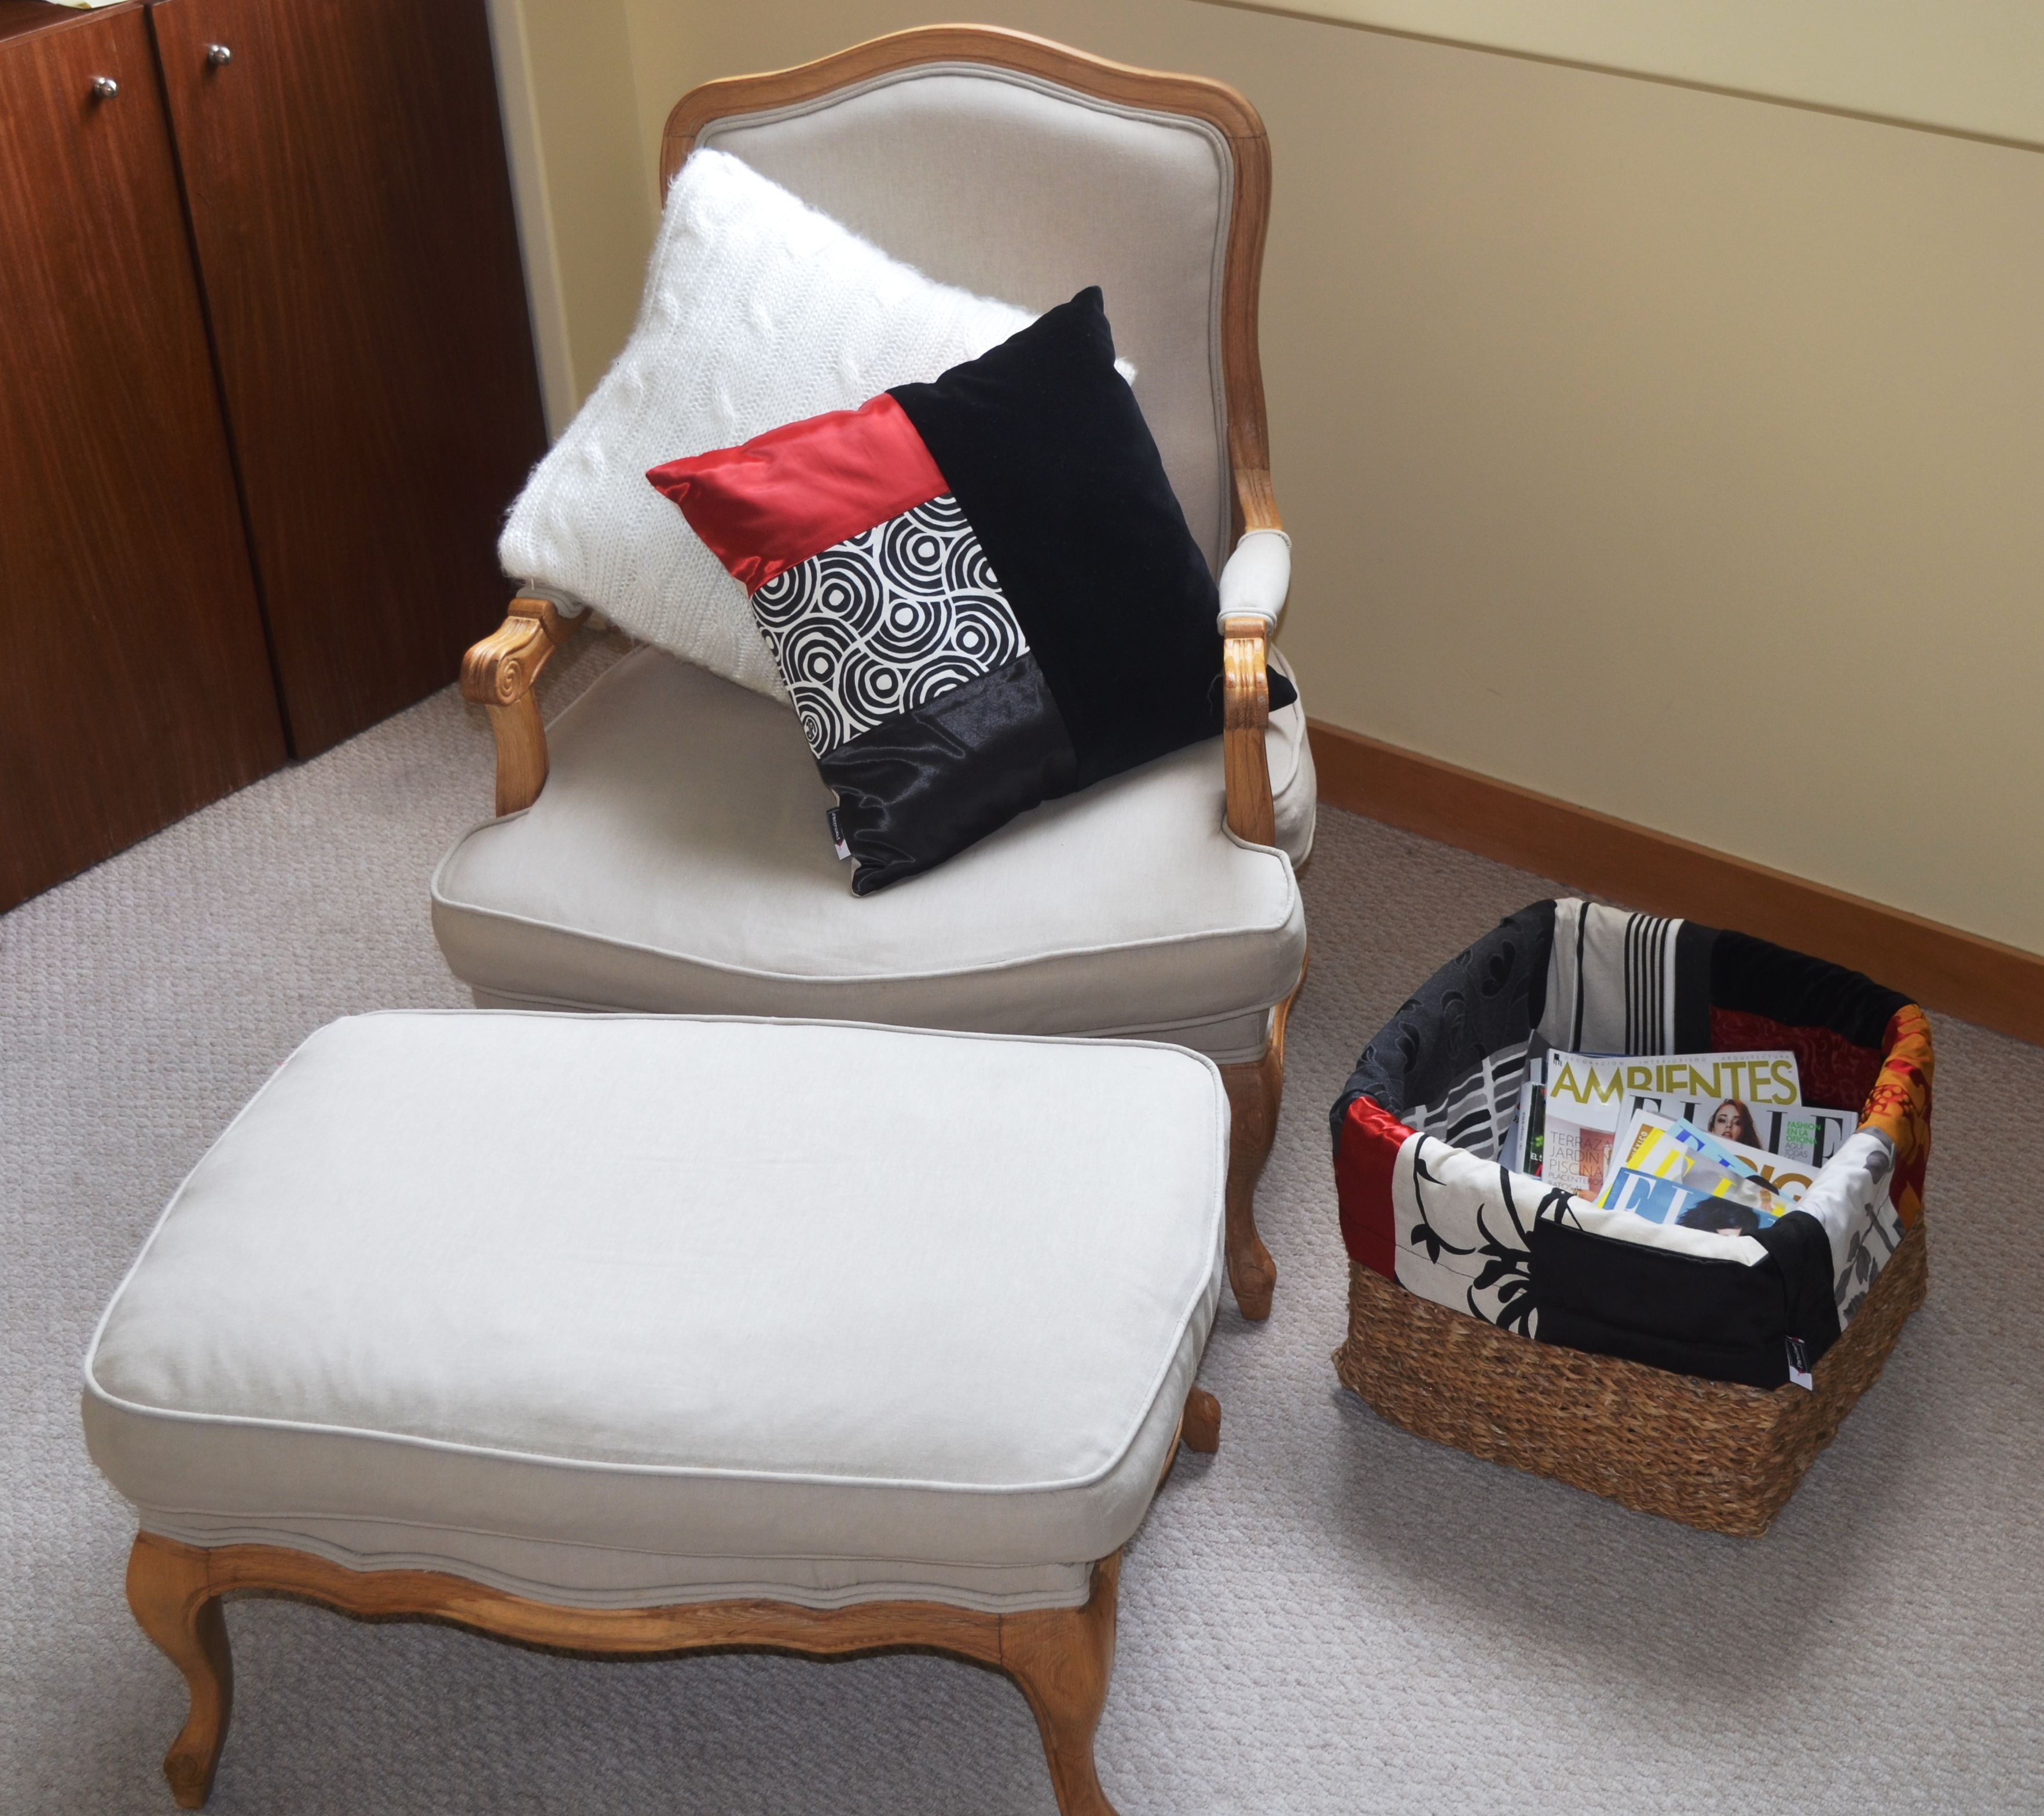 Que opinas de nuestras nuevas canastas con diseño en Patchwork??...super lindas y funcionales para cualquier espacio dentro de tu hogar.